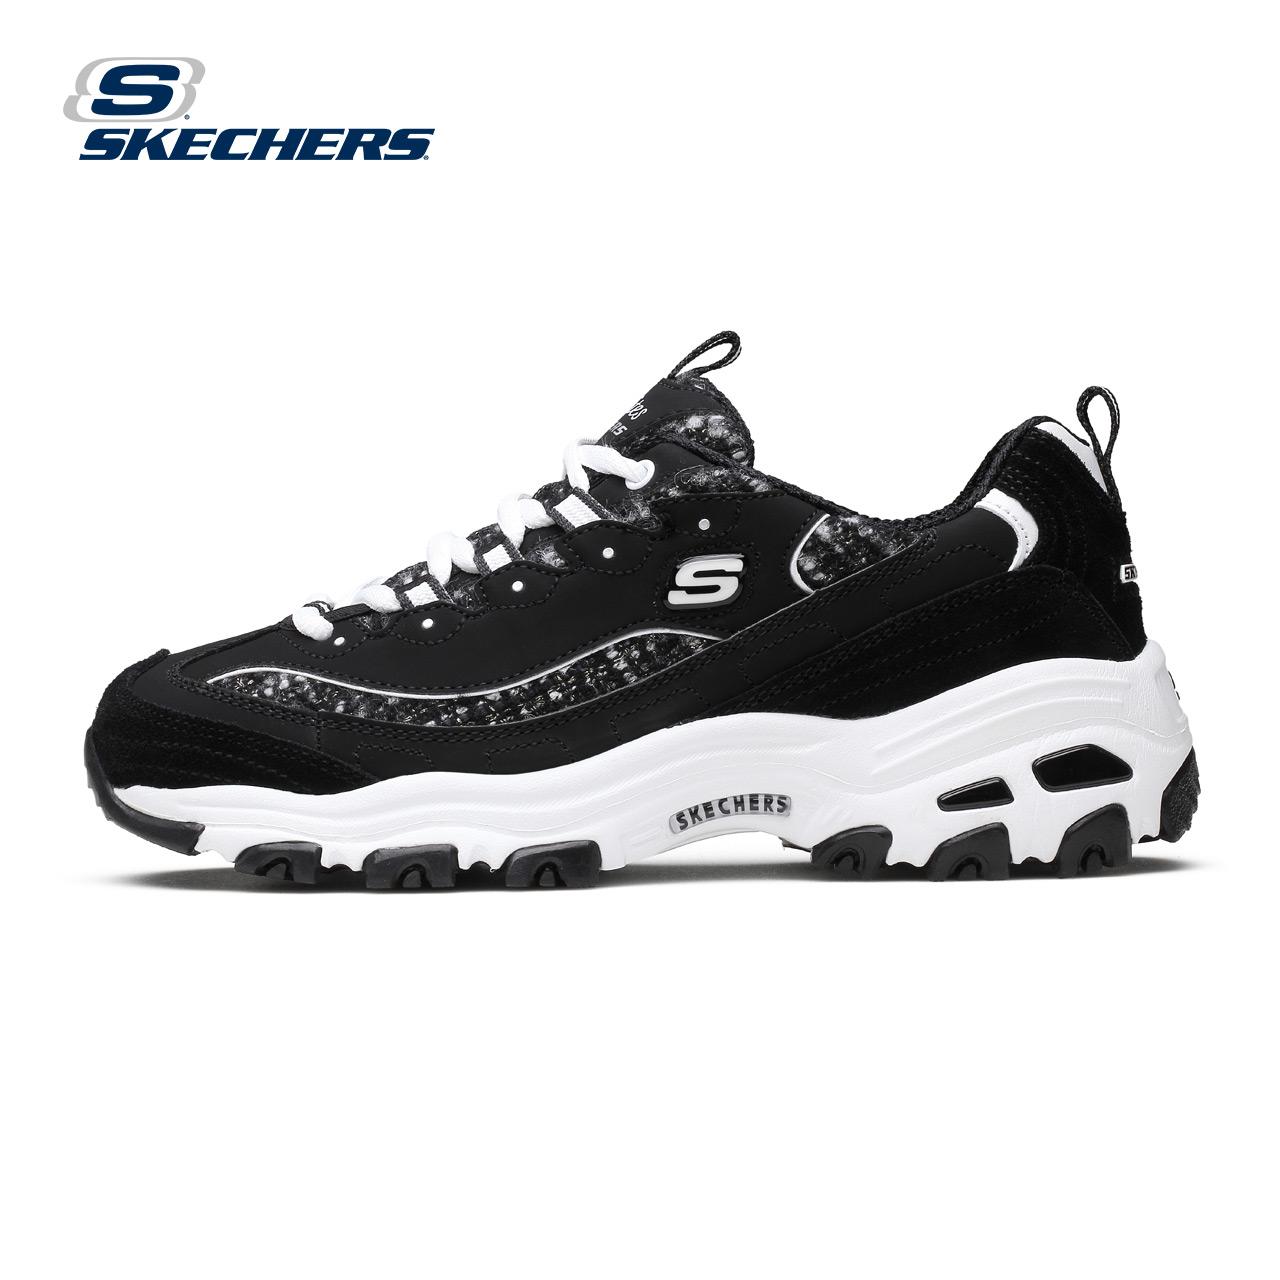 609cb59d65c3 Get Quotations · Fashion sports shoes casual shoes skechers skechers d   classic satélites prasertsak bottomed shoes